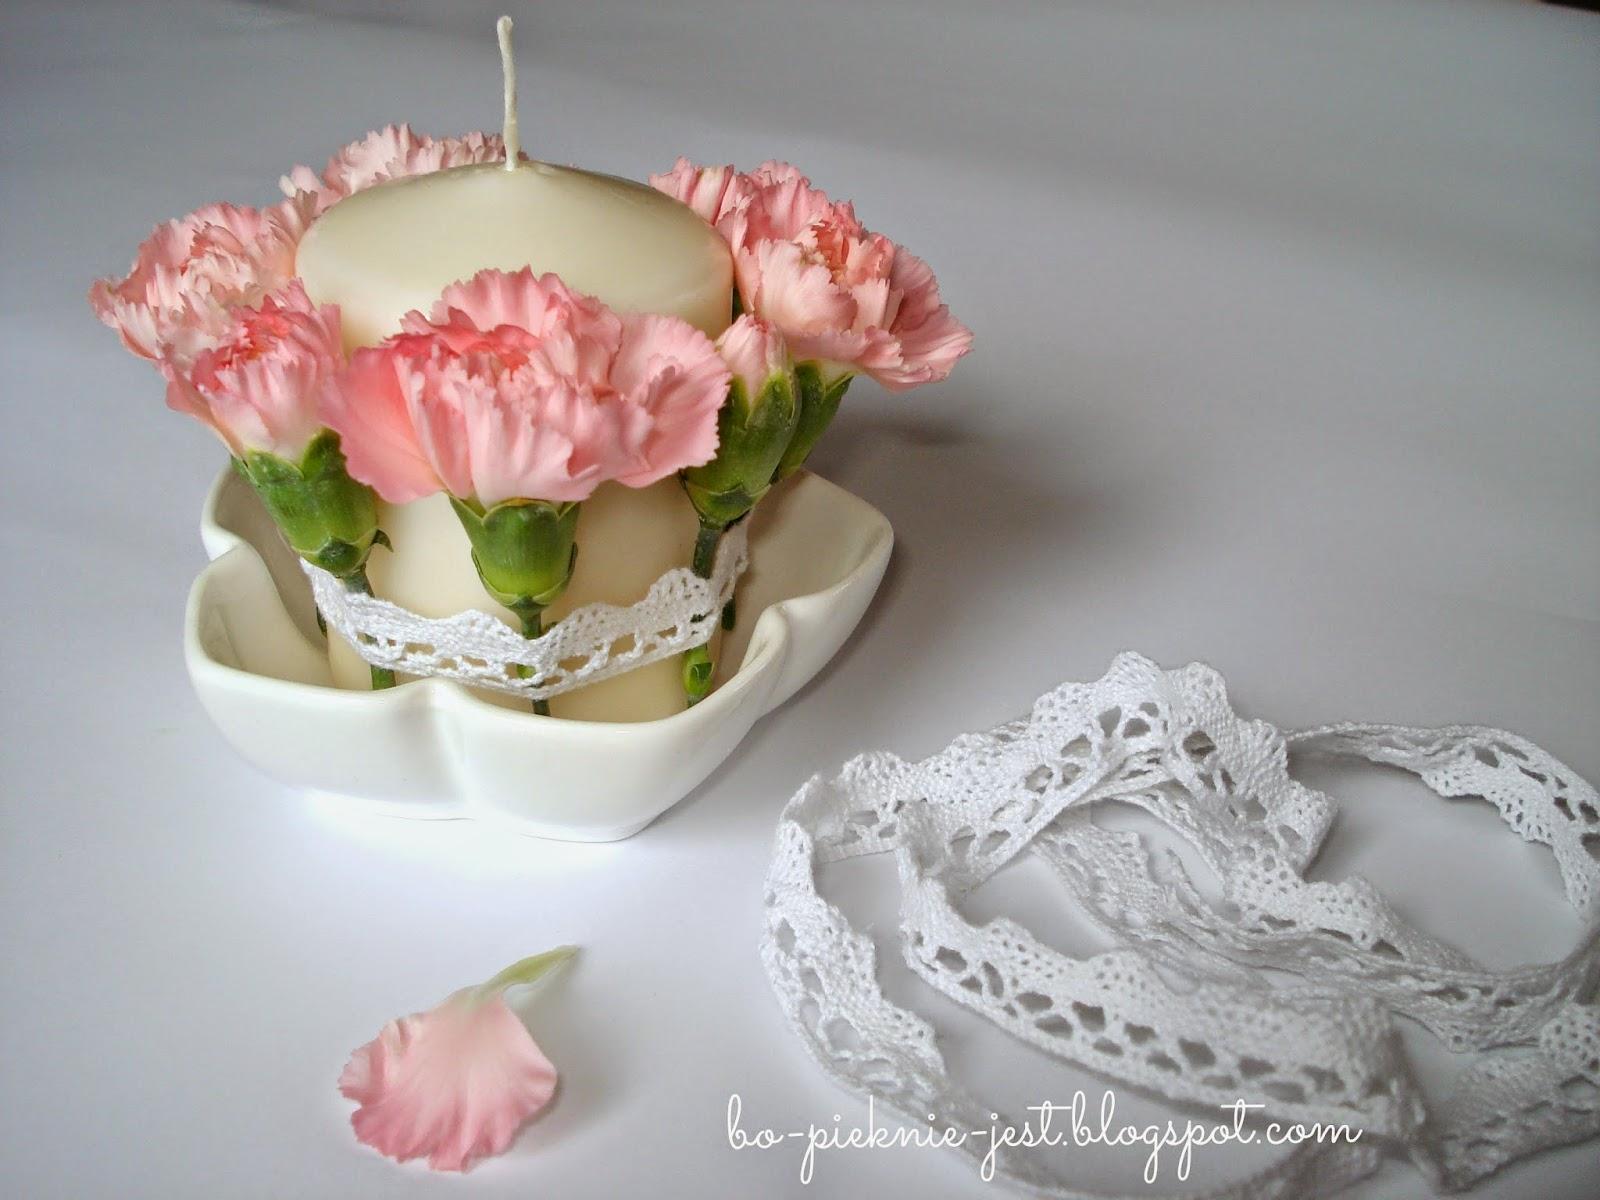 http://bo-pieknie-jest.blogspot.com/2015/03/wiosenne-diy-swieca-z-kwiatami.html